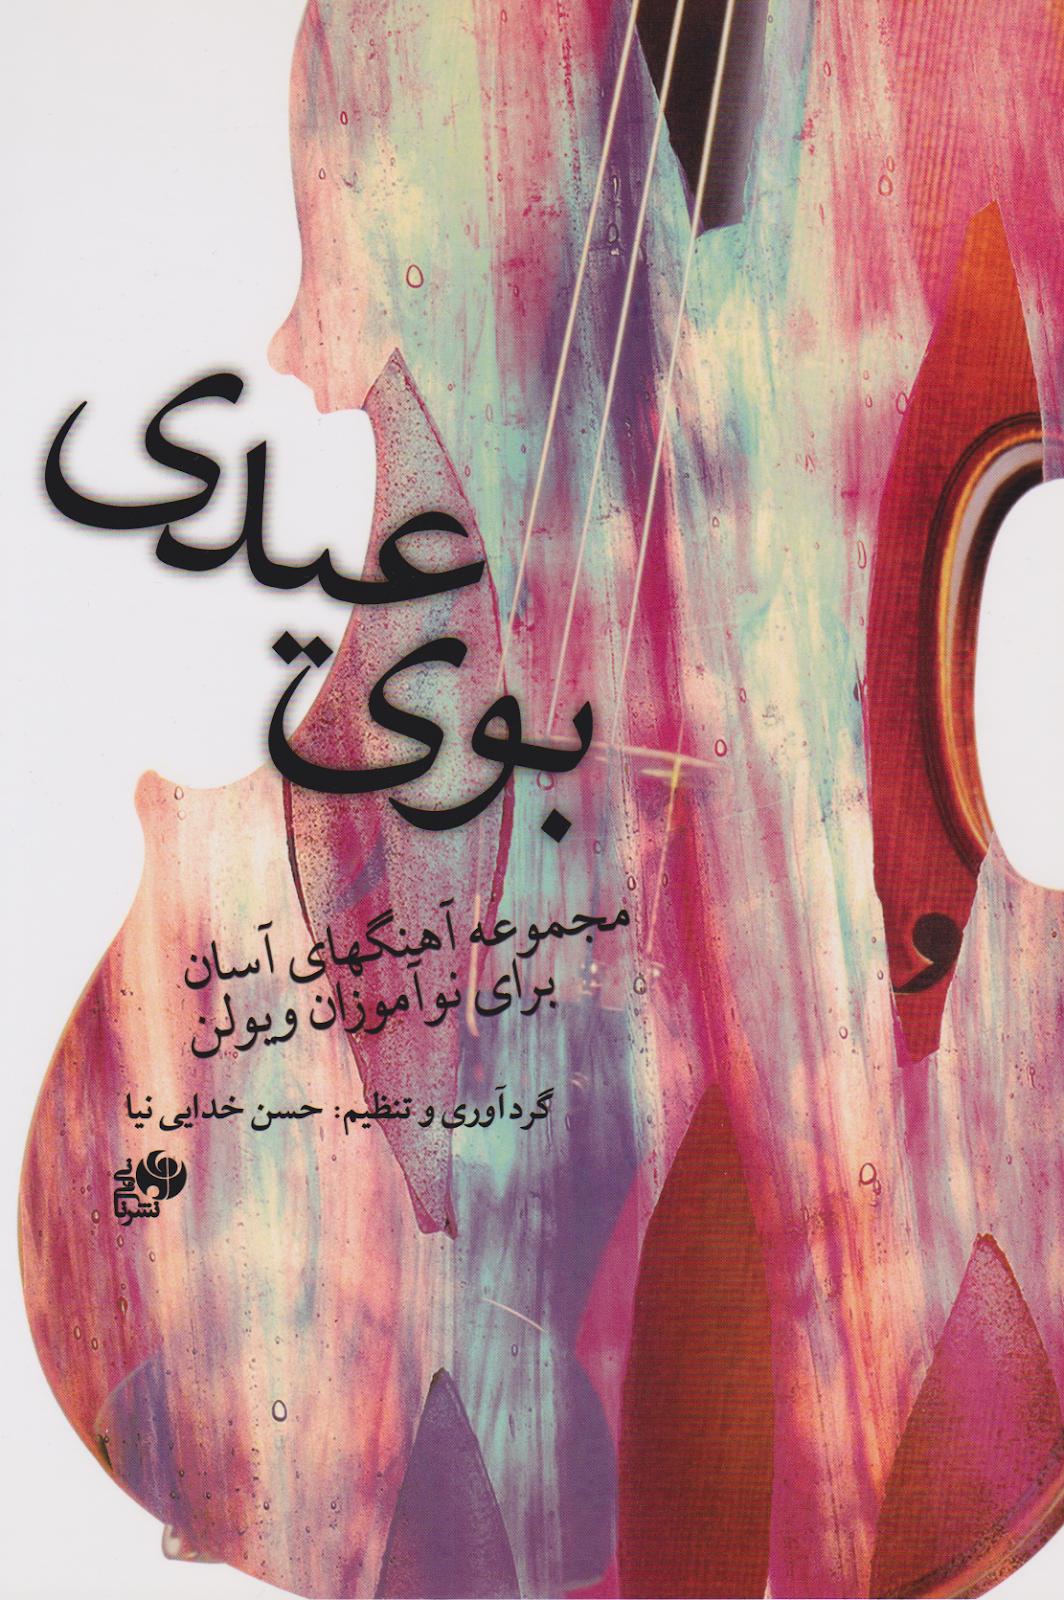 کتاب بوی عیدی ویولن حسن خدایینیا انتشارات نای و نی